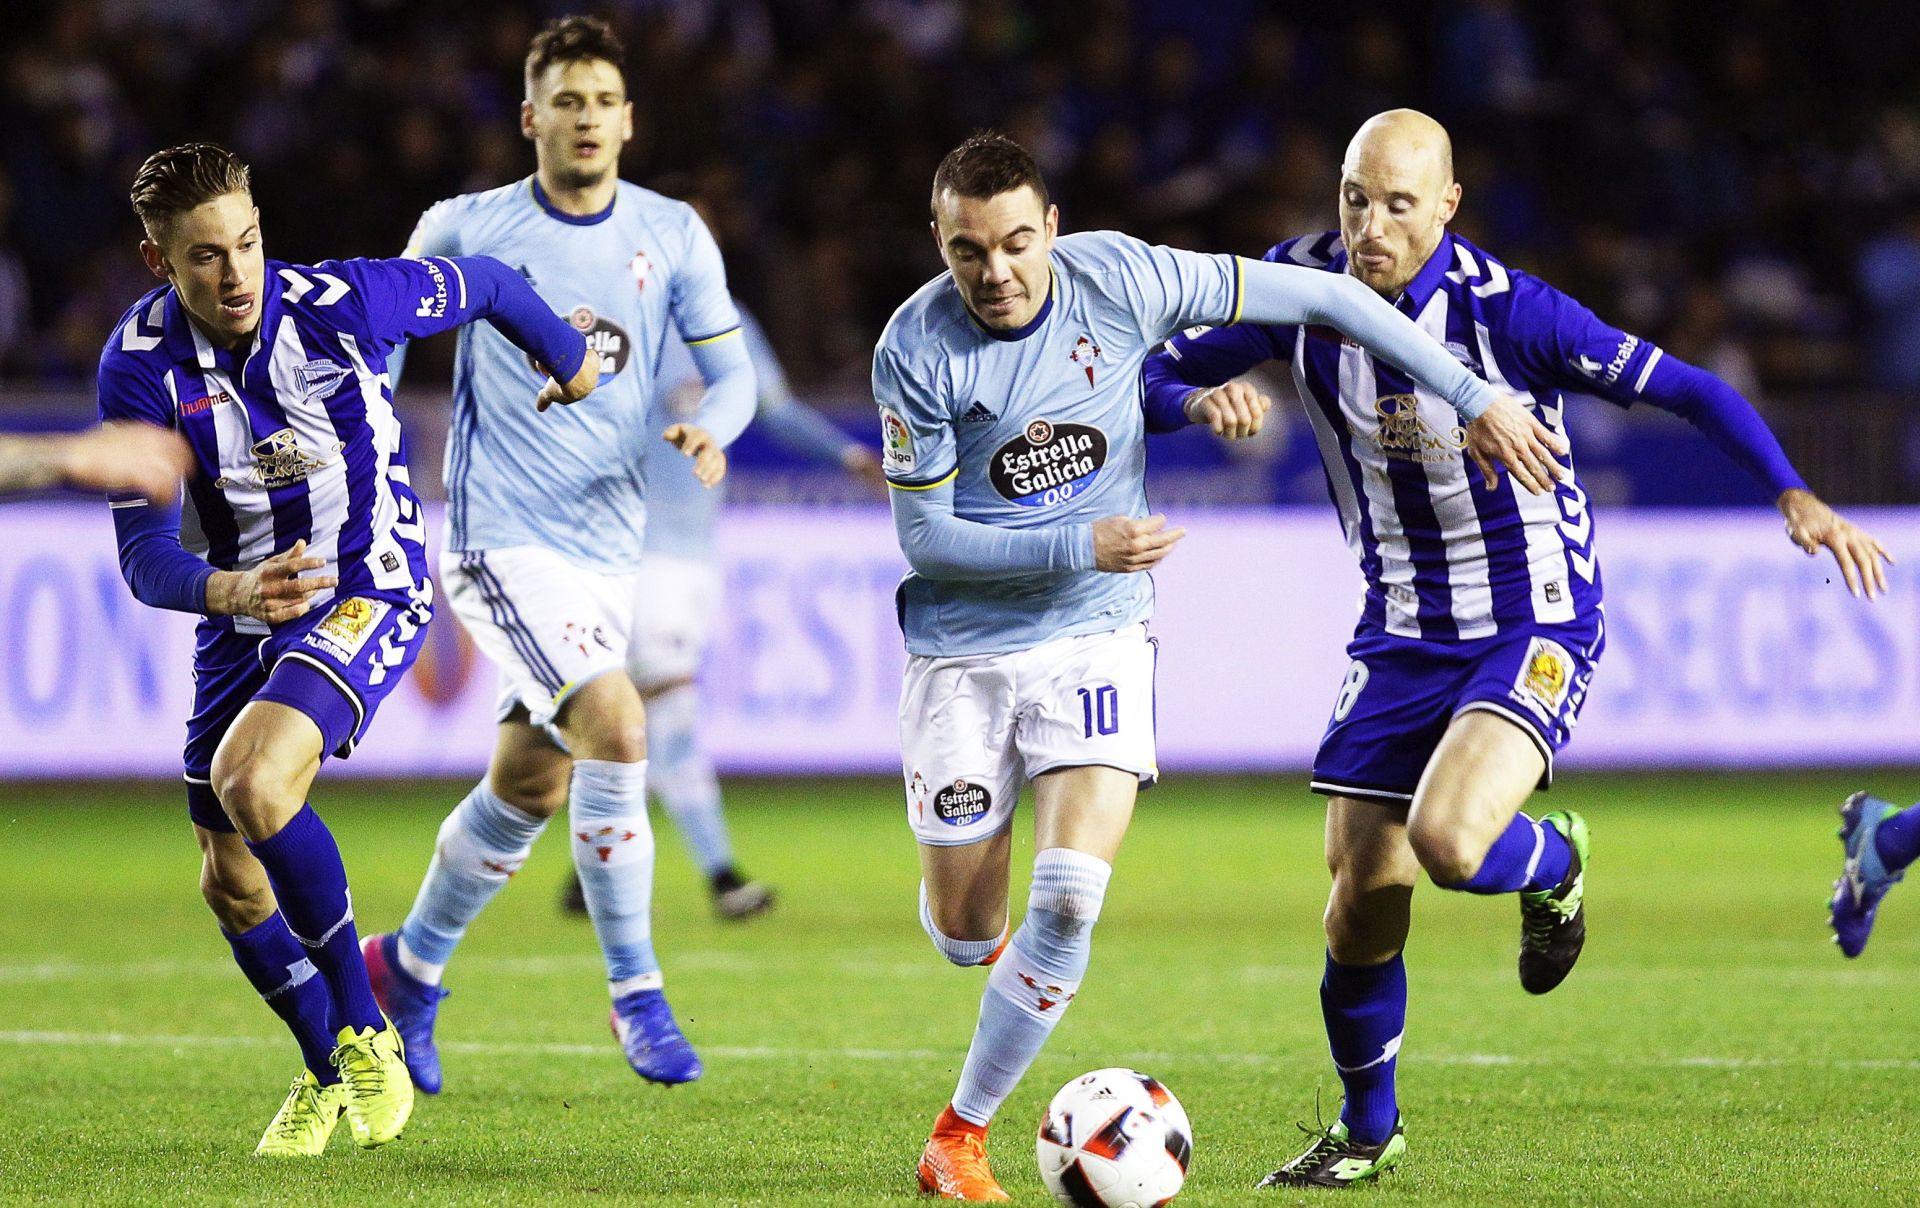 ŠPANJOLSKI KUP Alaves u finalu protiv Barcelone